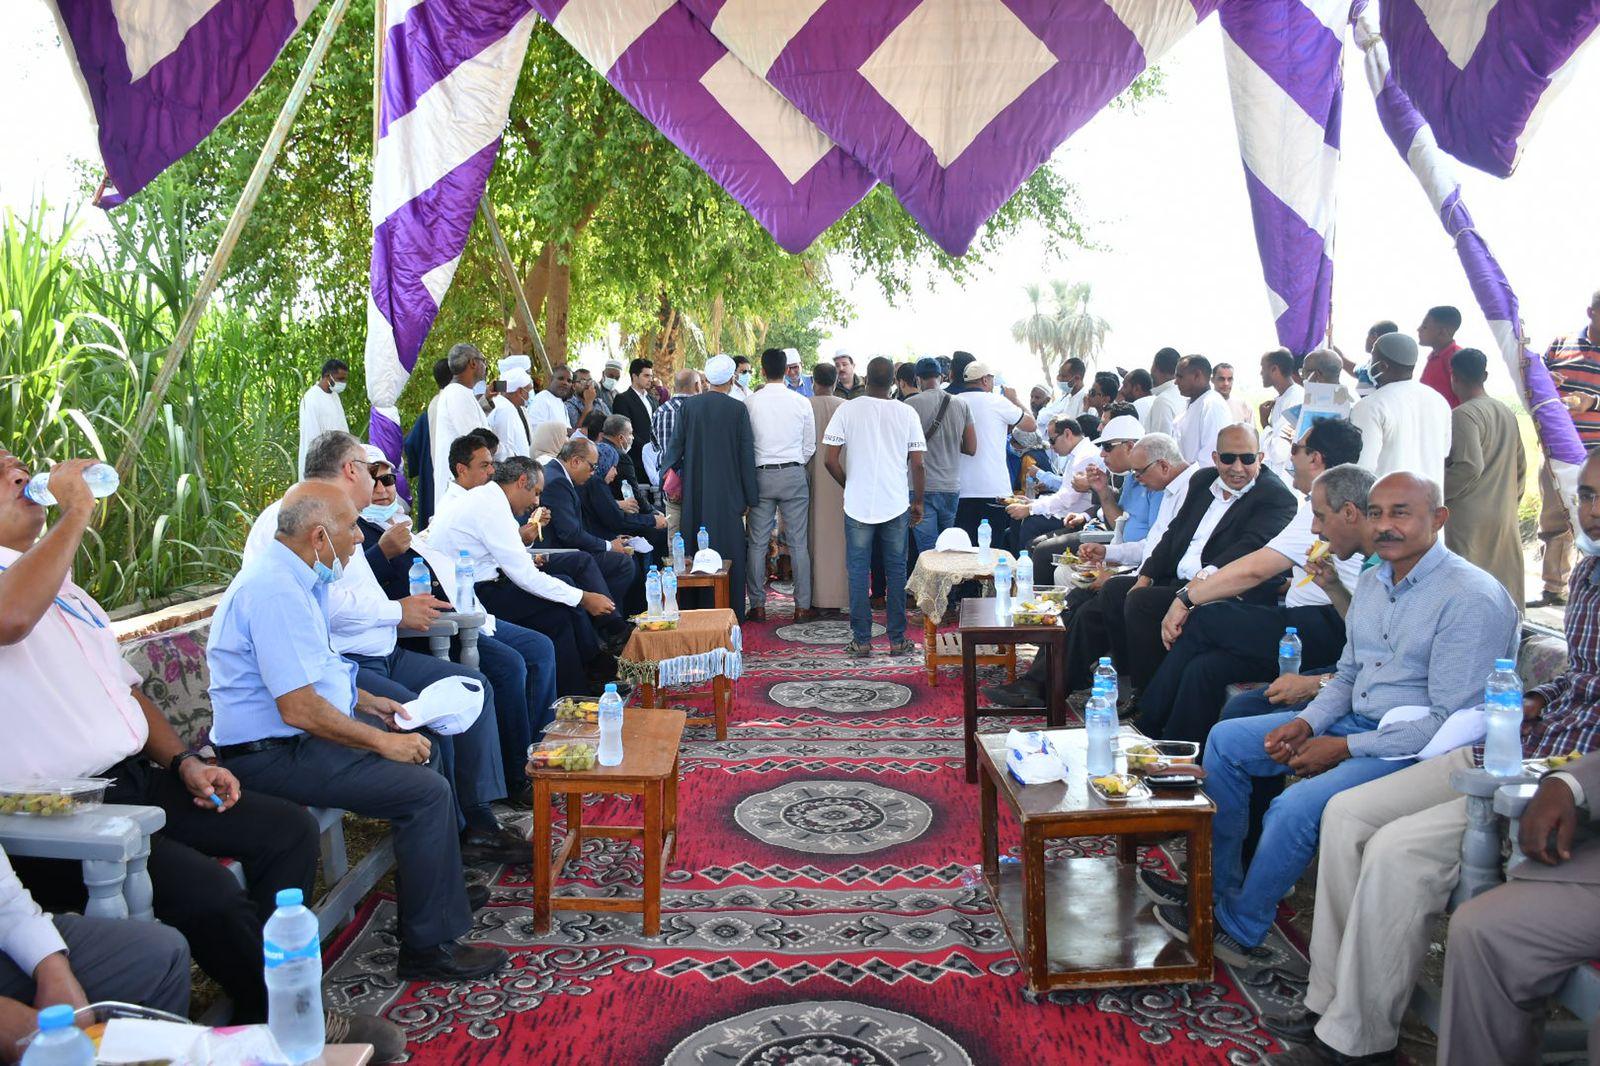 وزير الزراعة ومحافظ الأقصر يتفقدان أنشطة مشروعات التنمية الشاملة بقرية البغدادي  صور